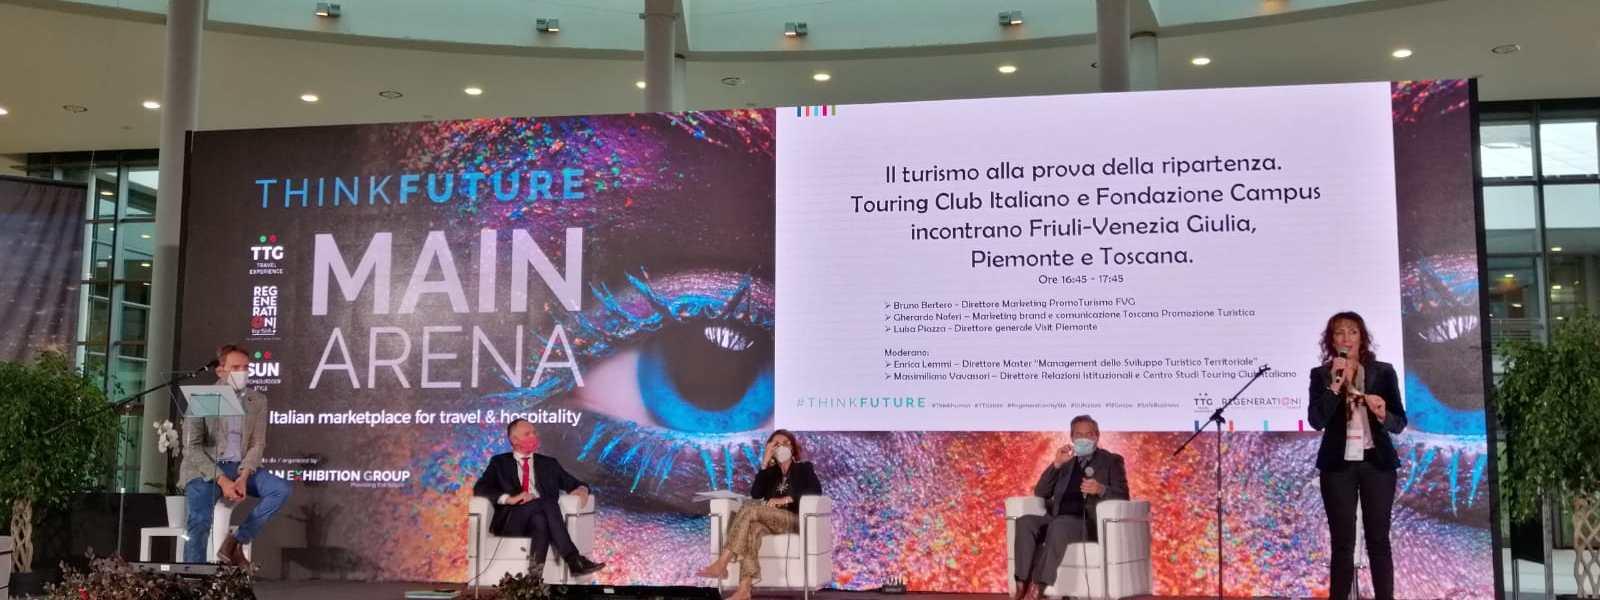 Fondazione Campus e Touring Club al TTG di Rimini